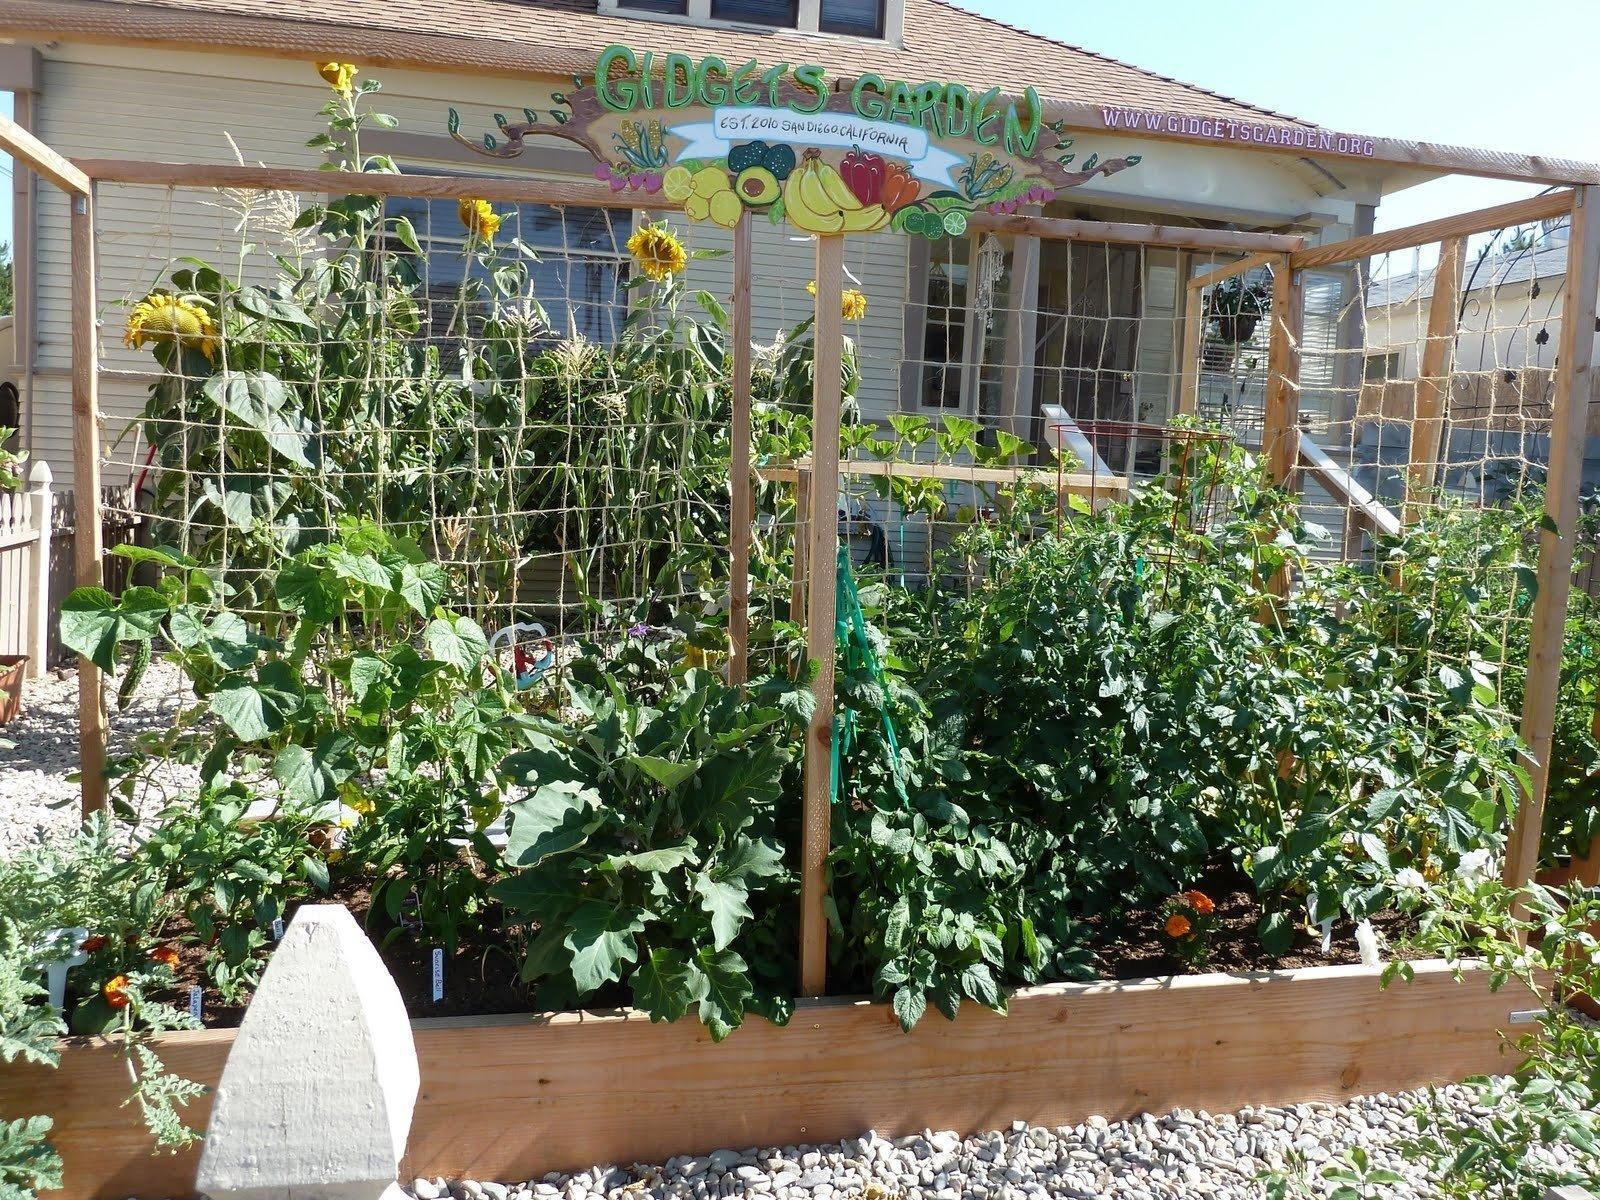 10 Pretty Vegetable Garden Ideas For Small Spaces plan ahead vegetable gardening in small spaces raised bed garden 2020